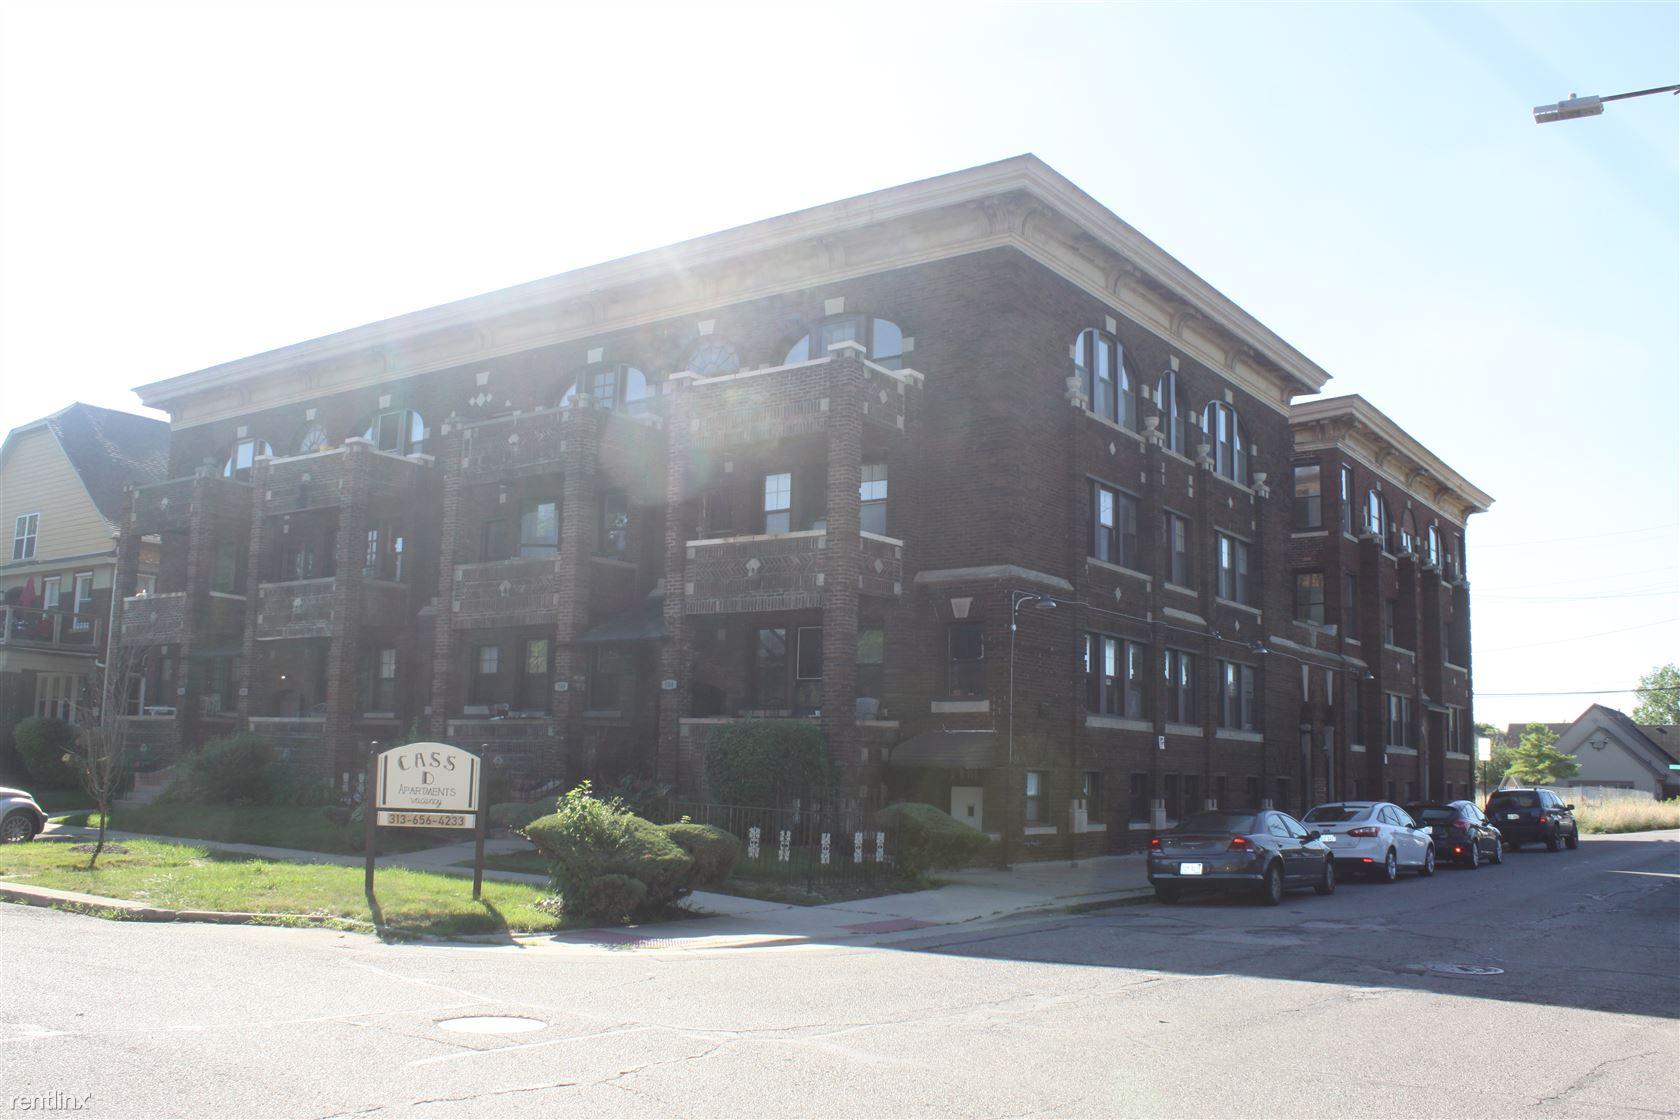 CASS D Apartments